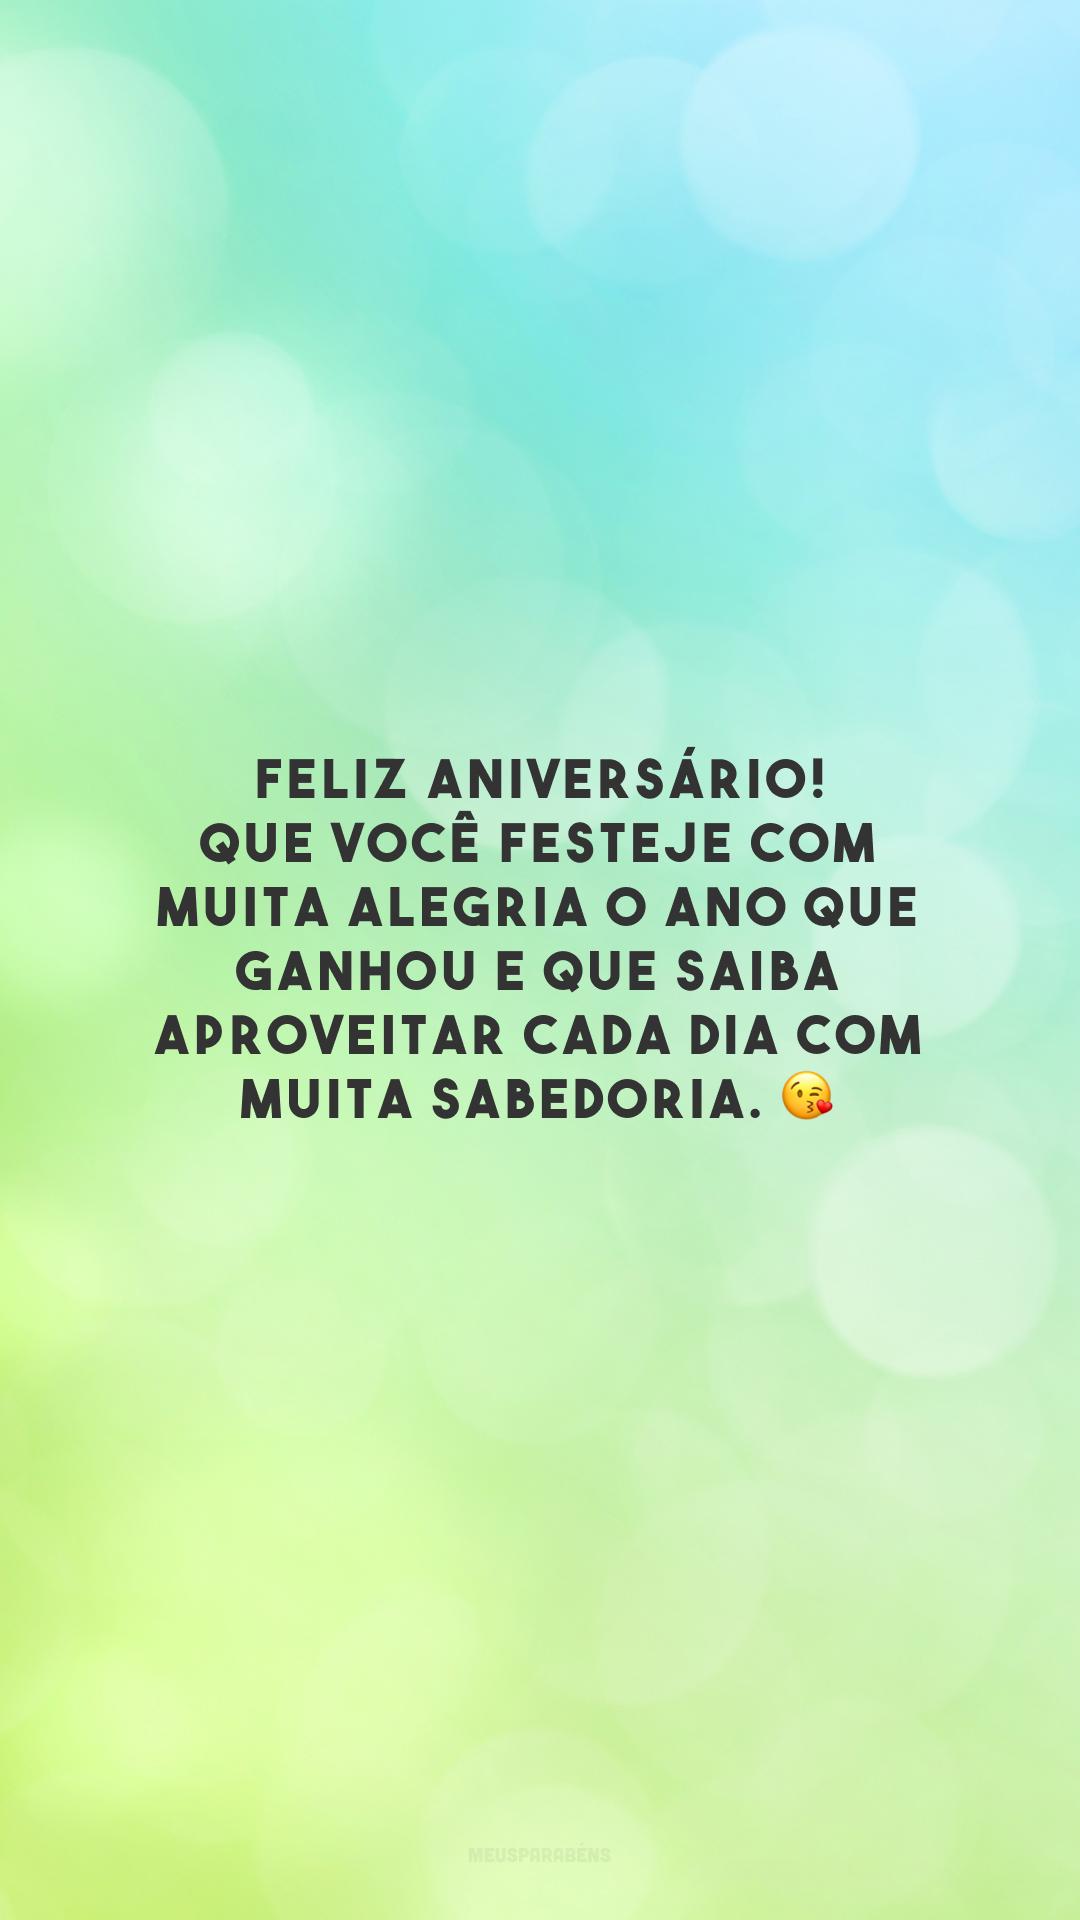 Feliz aniversário! Que você festeje com muita alegria o ano que ganhou e que saiba aproveitar cada dia com muita sabedoria. 😘